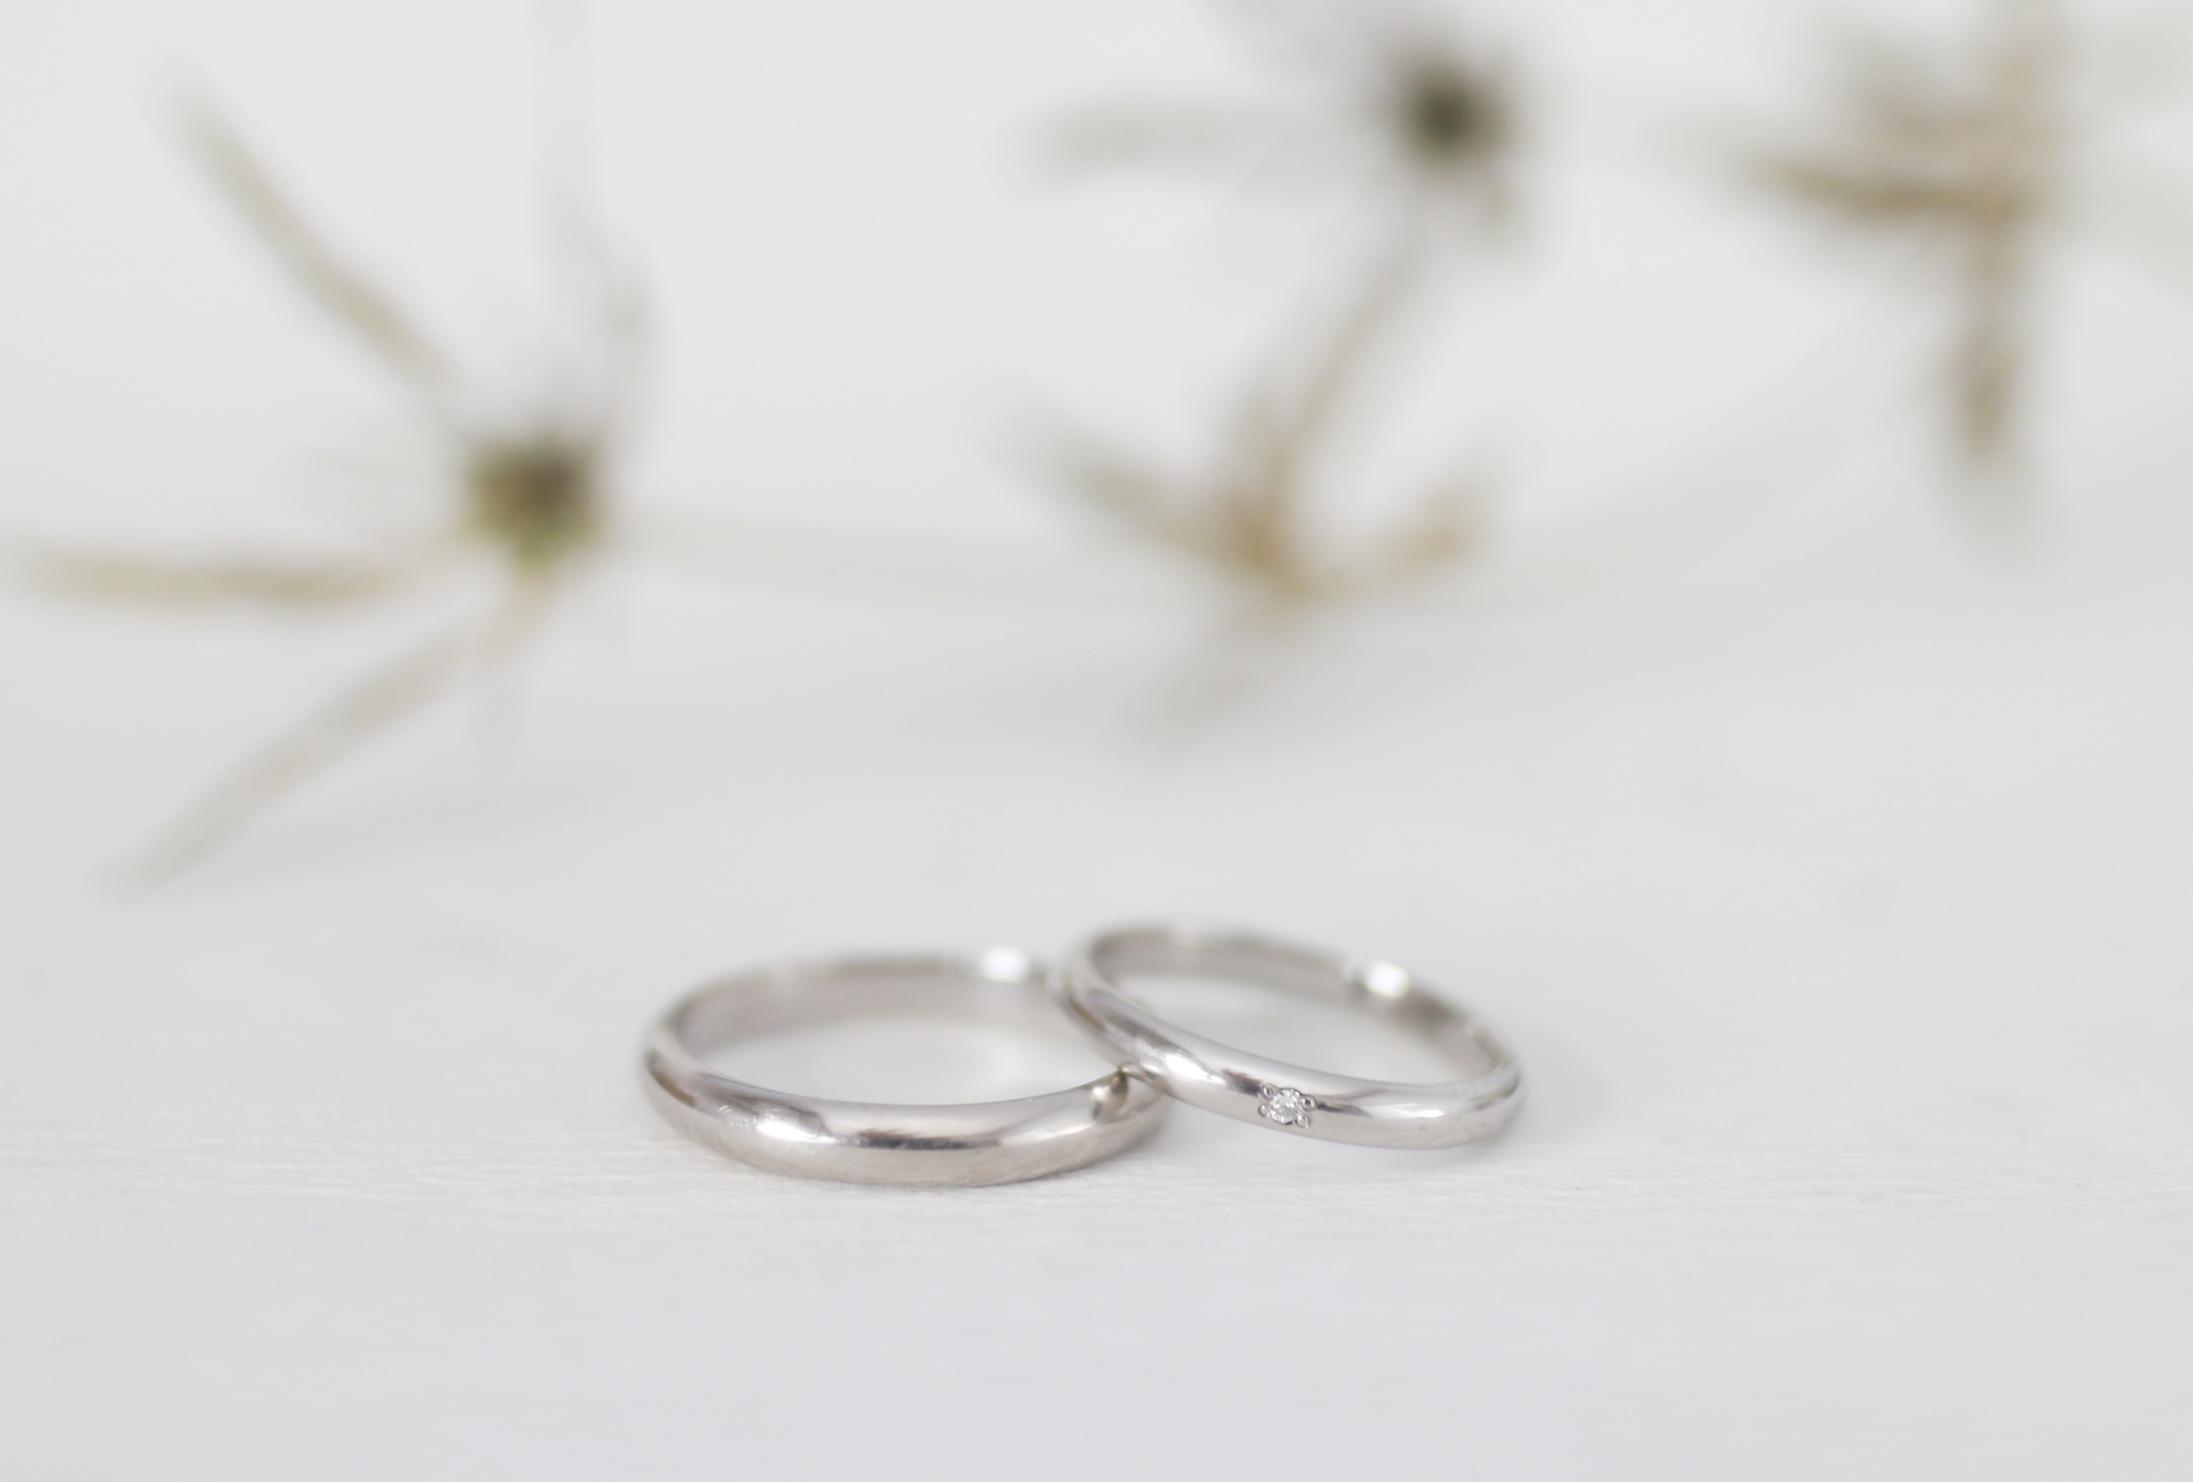 時間をかけて磨いた結婚指輪